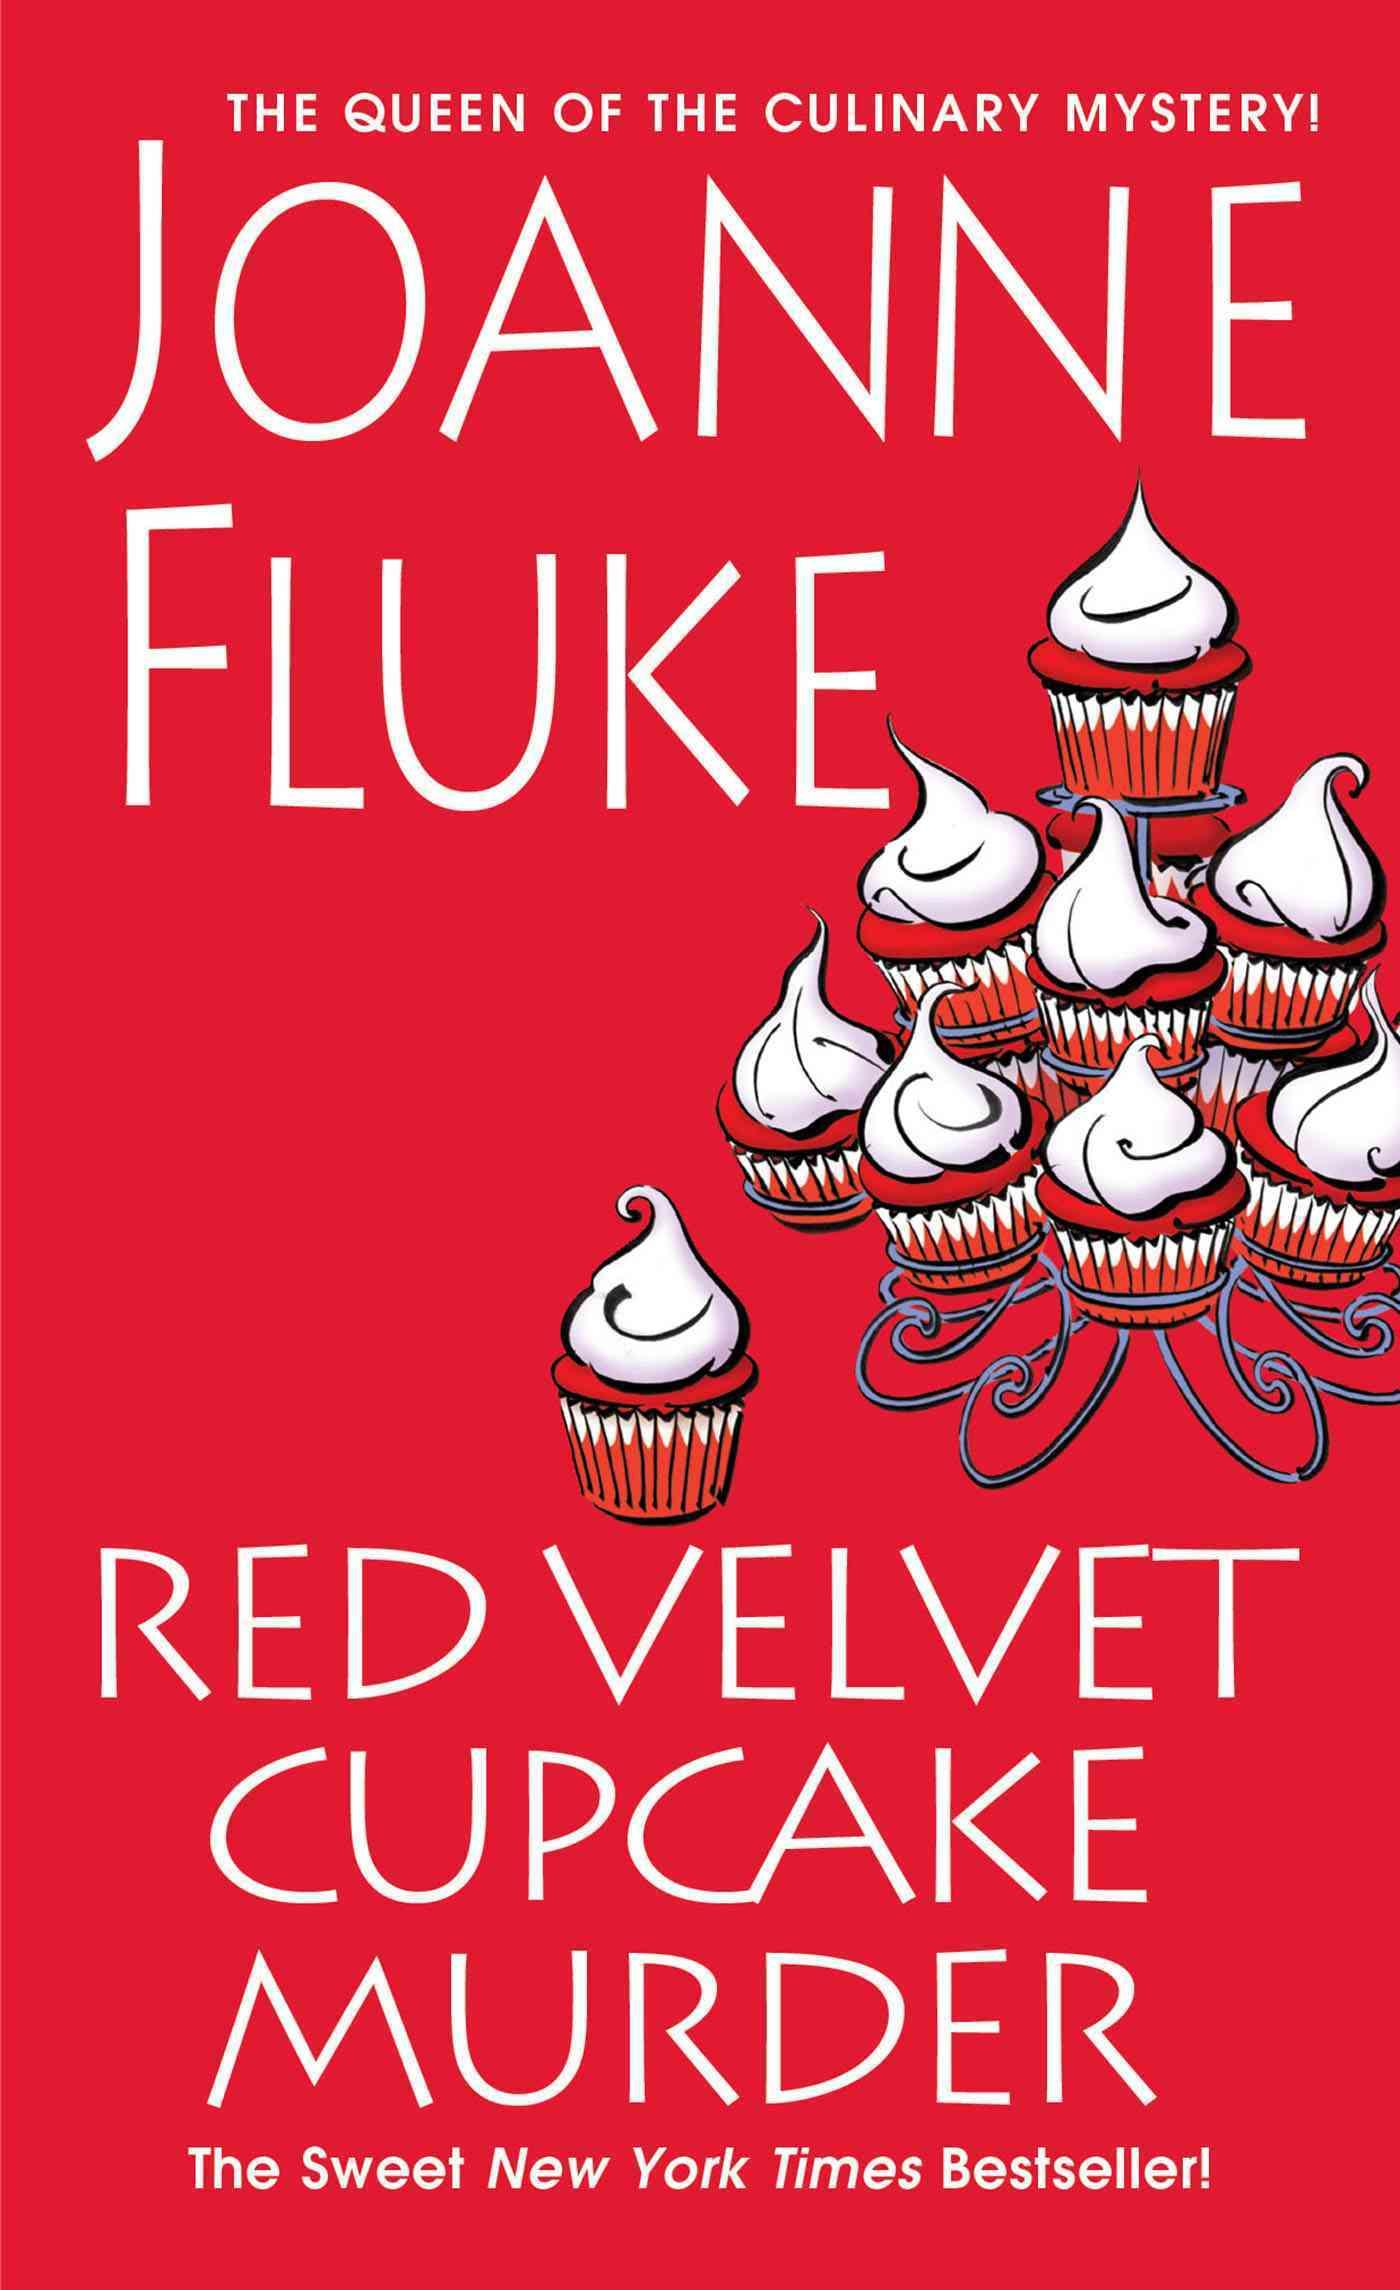 Red Velvet Cupcake Murder By Fluke, Joanne